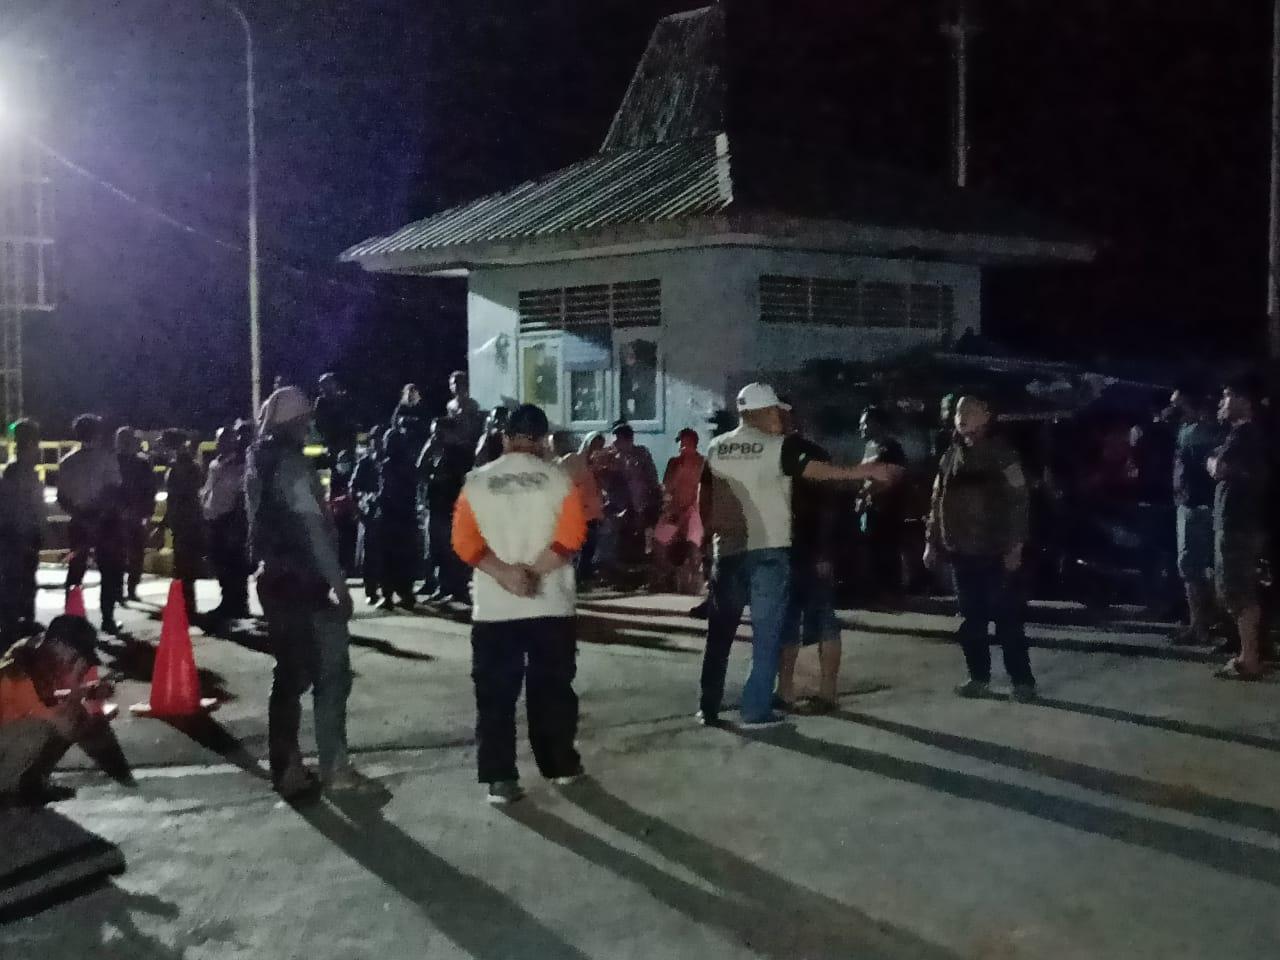 Jelang Tengah Malam, Pemda Kepulauan Selayar Turunkan Puluhan Petugas ke Pelabuhan Pamatata